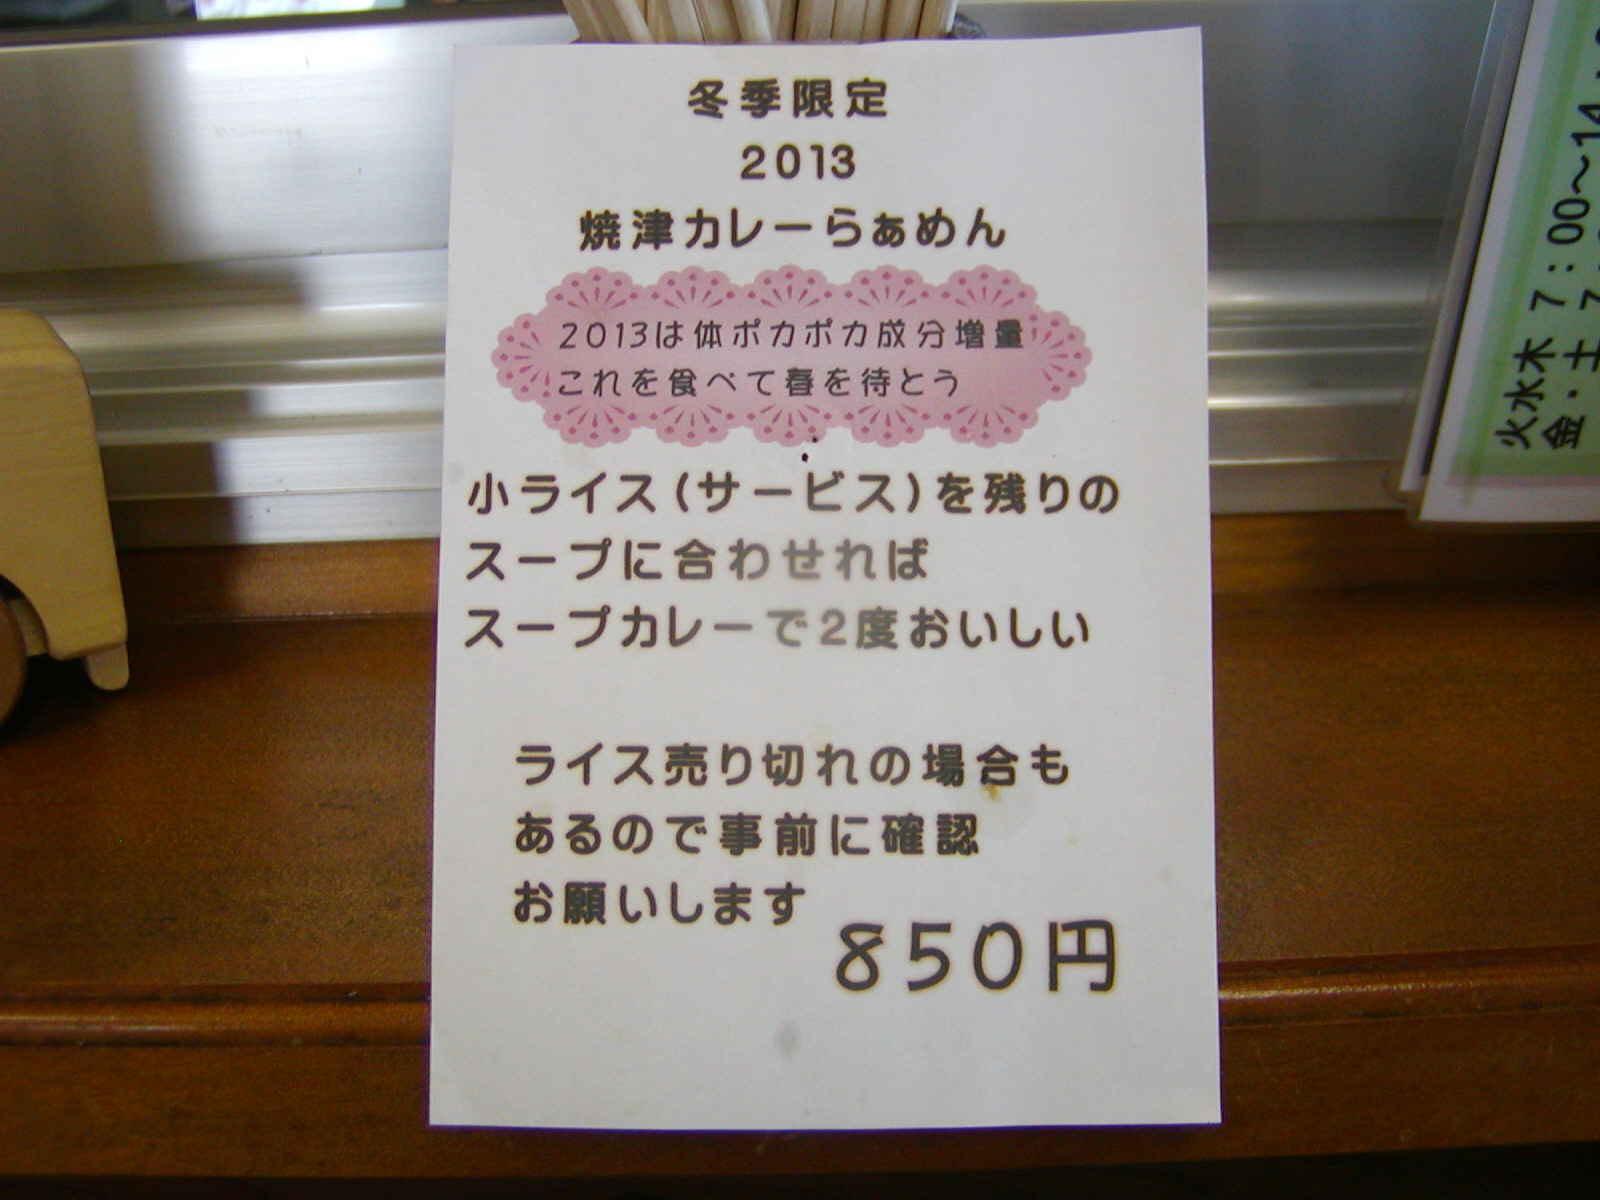 ちっきん【2013 焼津カレーらぁめん】 @藤枝市